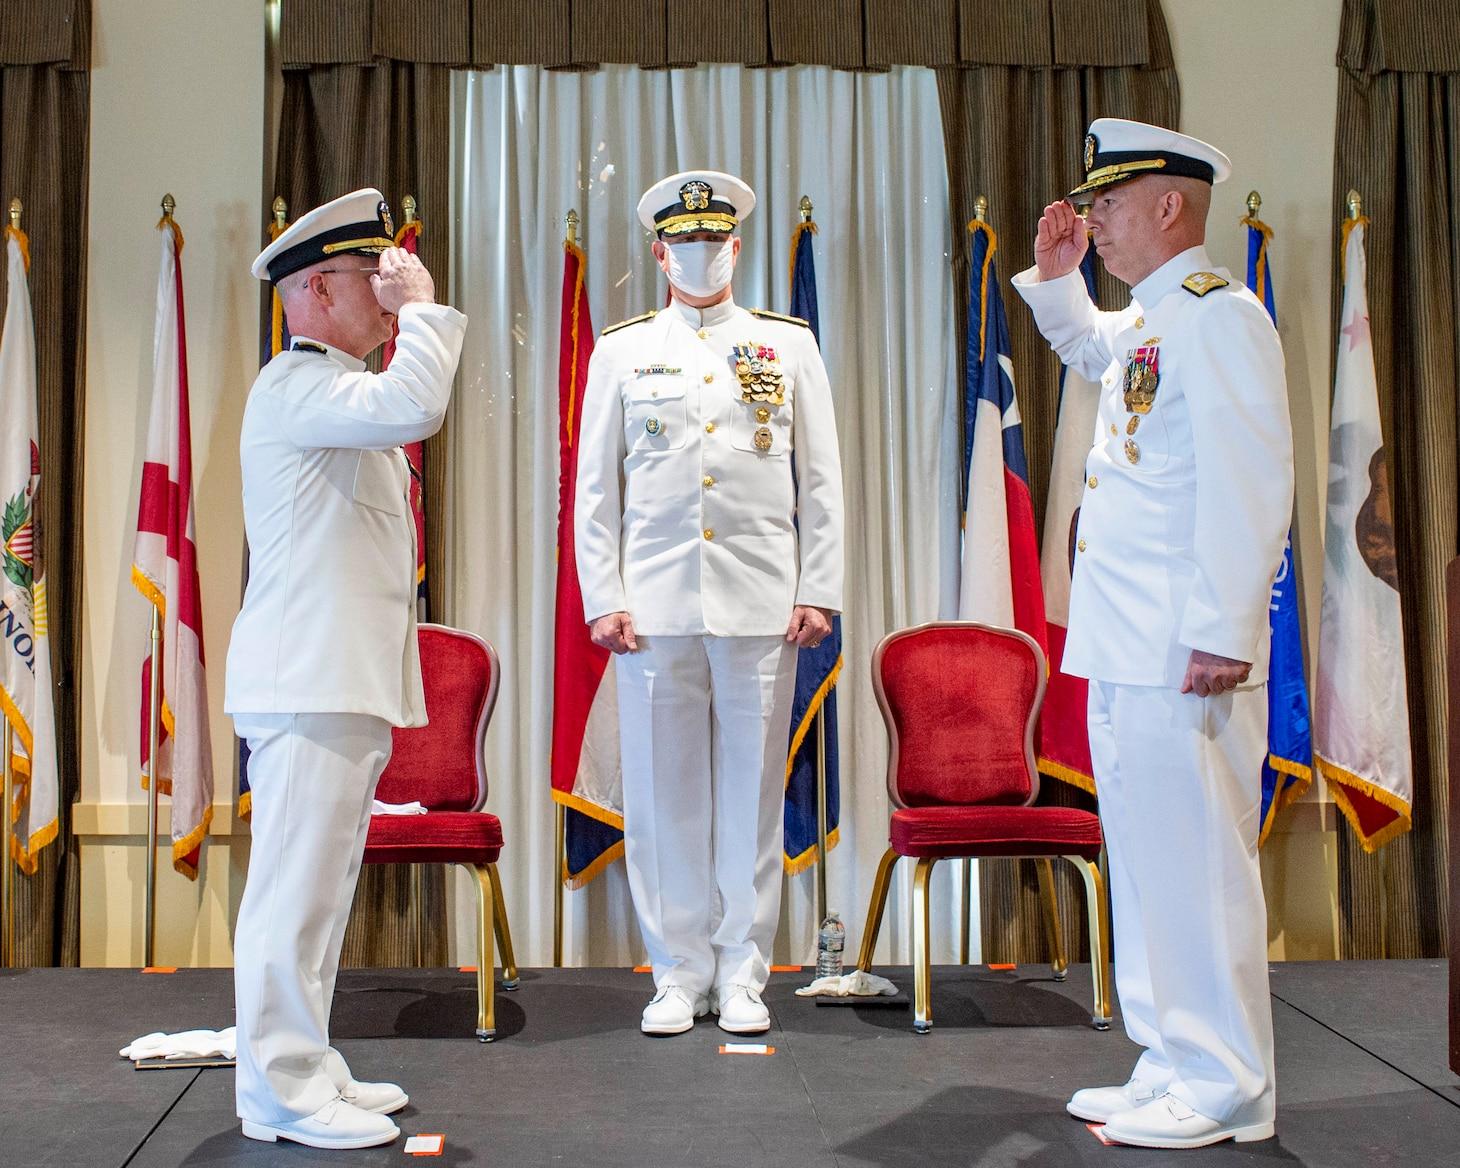 Change of command ceremony